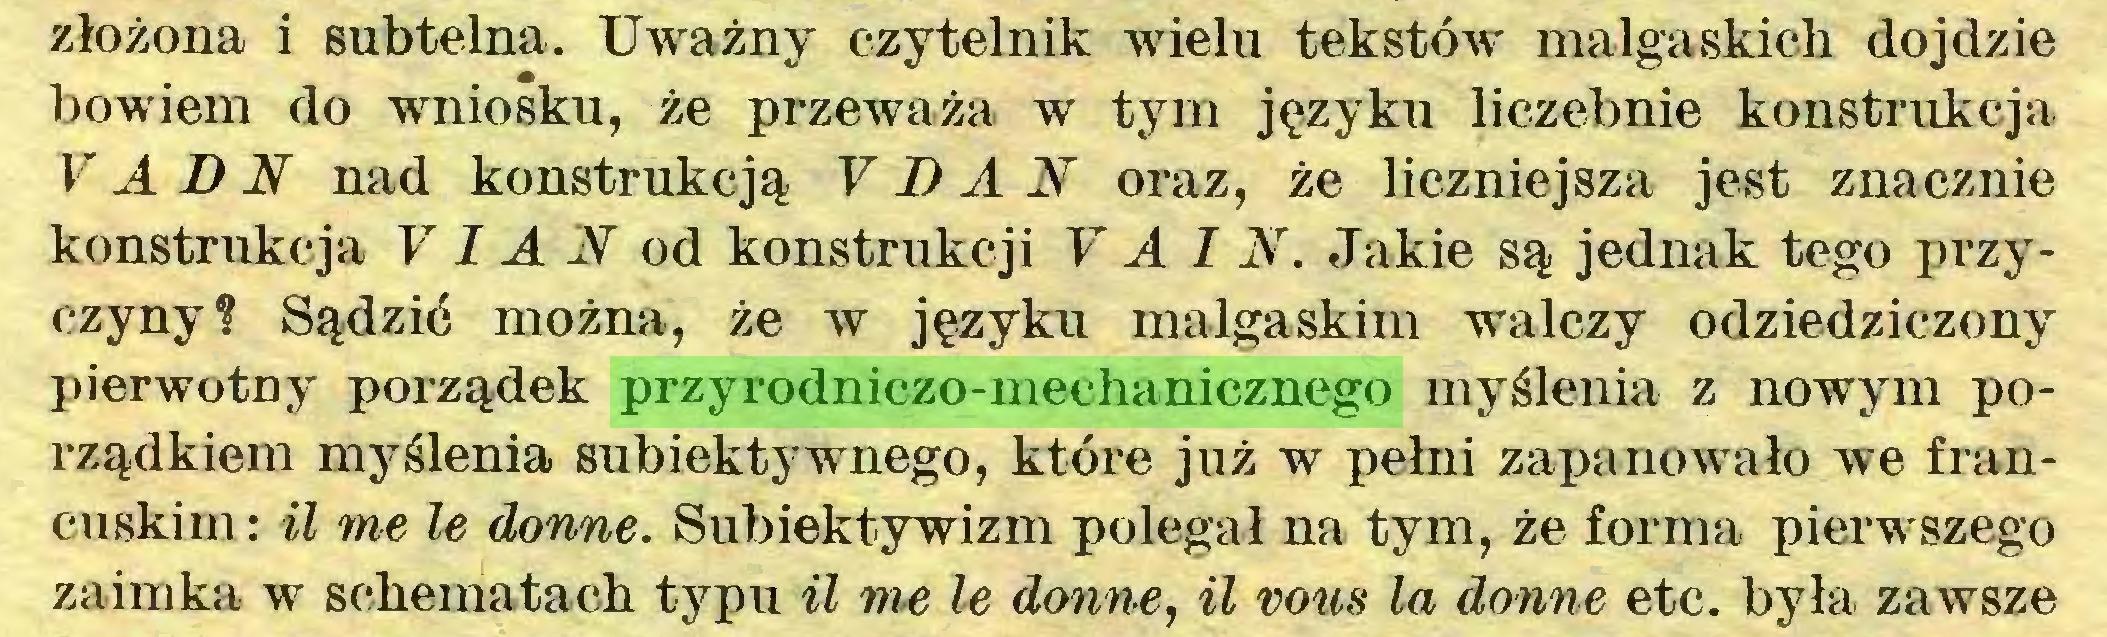 (...) złożona i subtelna. Uważny czytelnik wielu tekstów malgaskich dojdzie bowiem do wniosku, że przeważa w tym języku liczebnie konstrukcja V A D N nad konstrukcją V D A N oraz, że liczniejsza jest znacznie konstrukcja V I A N od konstrukcji VAIN. Jakie są jednak tego przyczyny? Sądzić można, że w języku malgaskim walczy odziedziczony pierwotny porządek przyrodniczo-mechanicznego myślenia z nowym porządkiem myślenia subiektywnego, które już w pełni zapanowało we francuskim: il me le donne. Subiektywizm polegał na tym, że forma pierwszego zaimka w schematach typu il me le donne, il vous la donne etc. była zawsze...